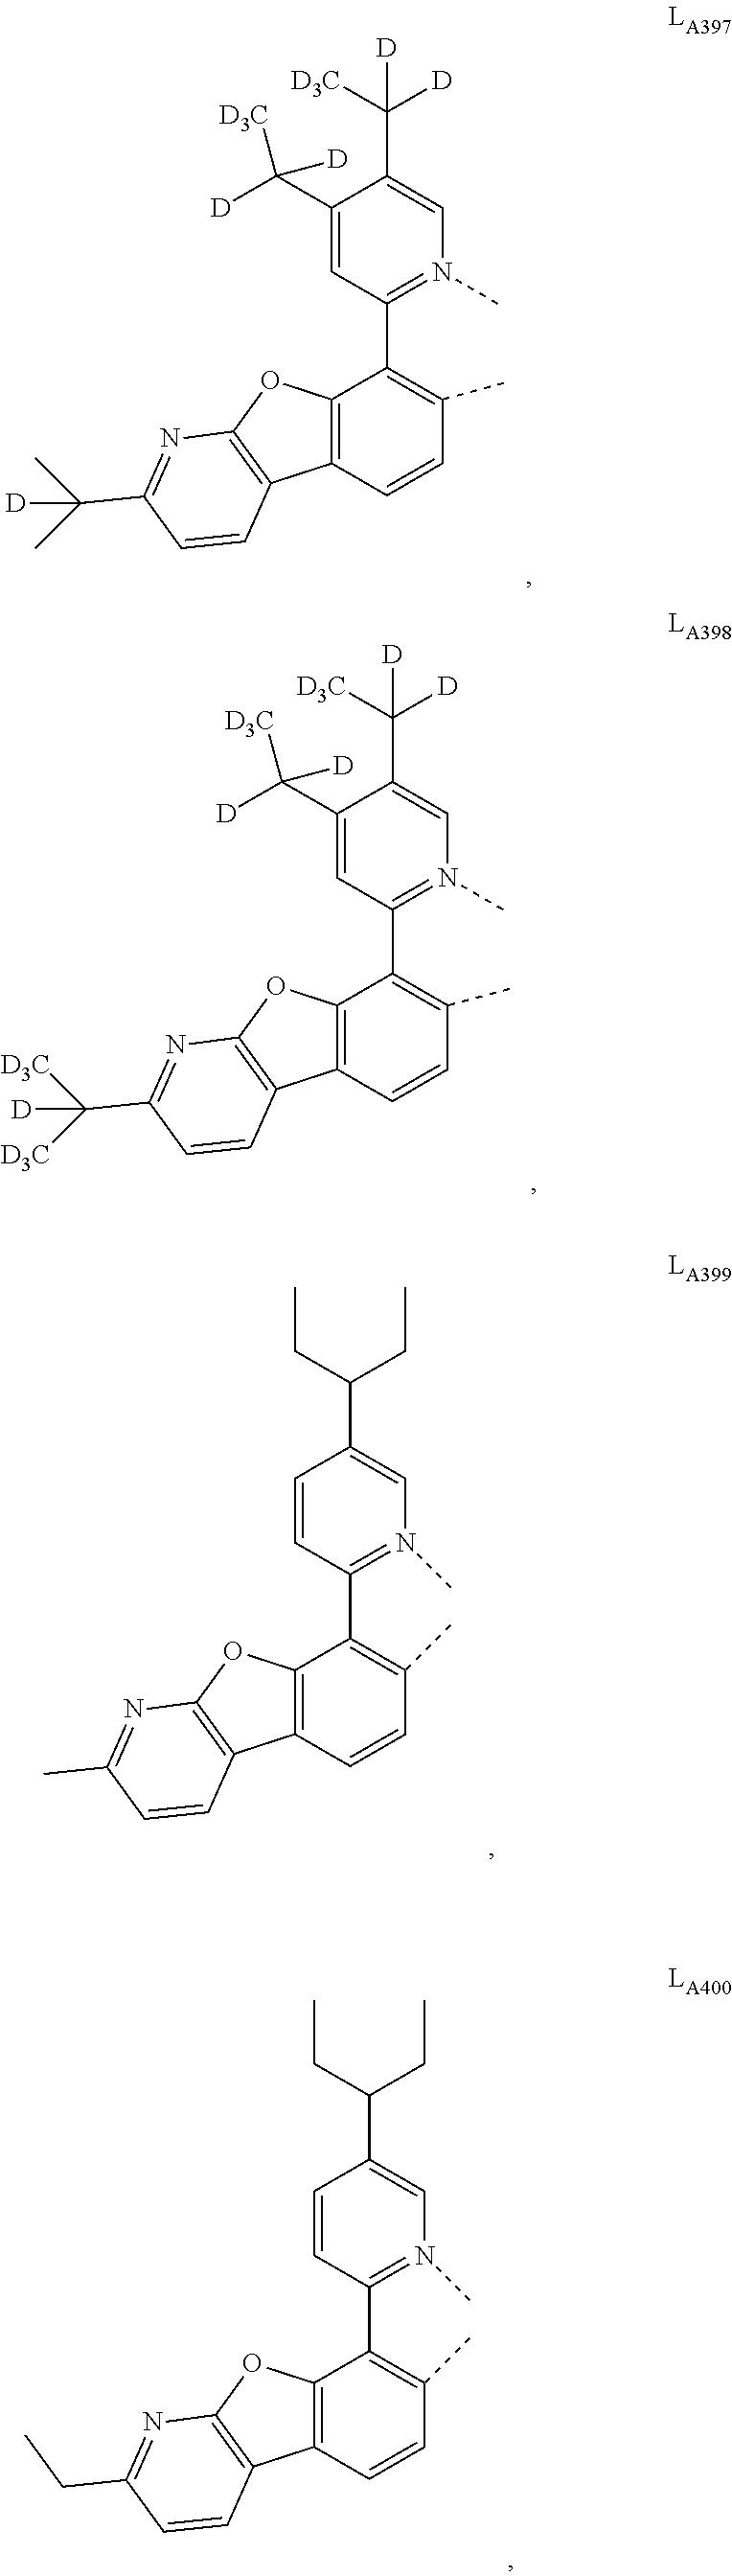 Figure US20160049599A1-20160218-C00486